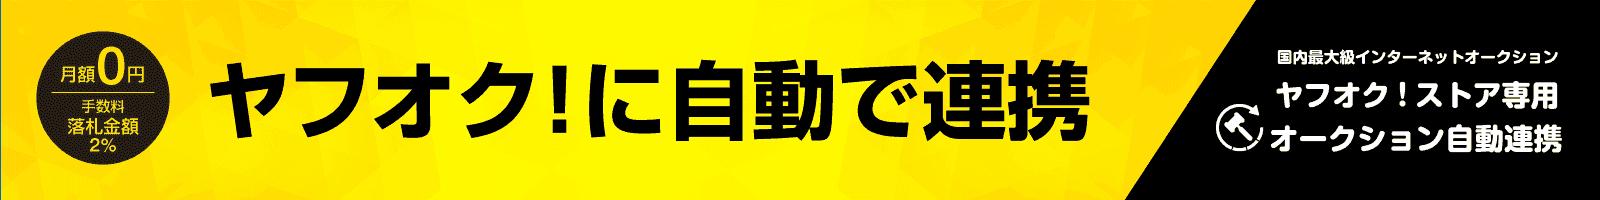 1600_200_yafuoku